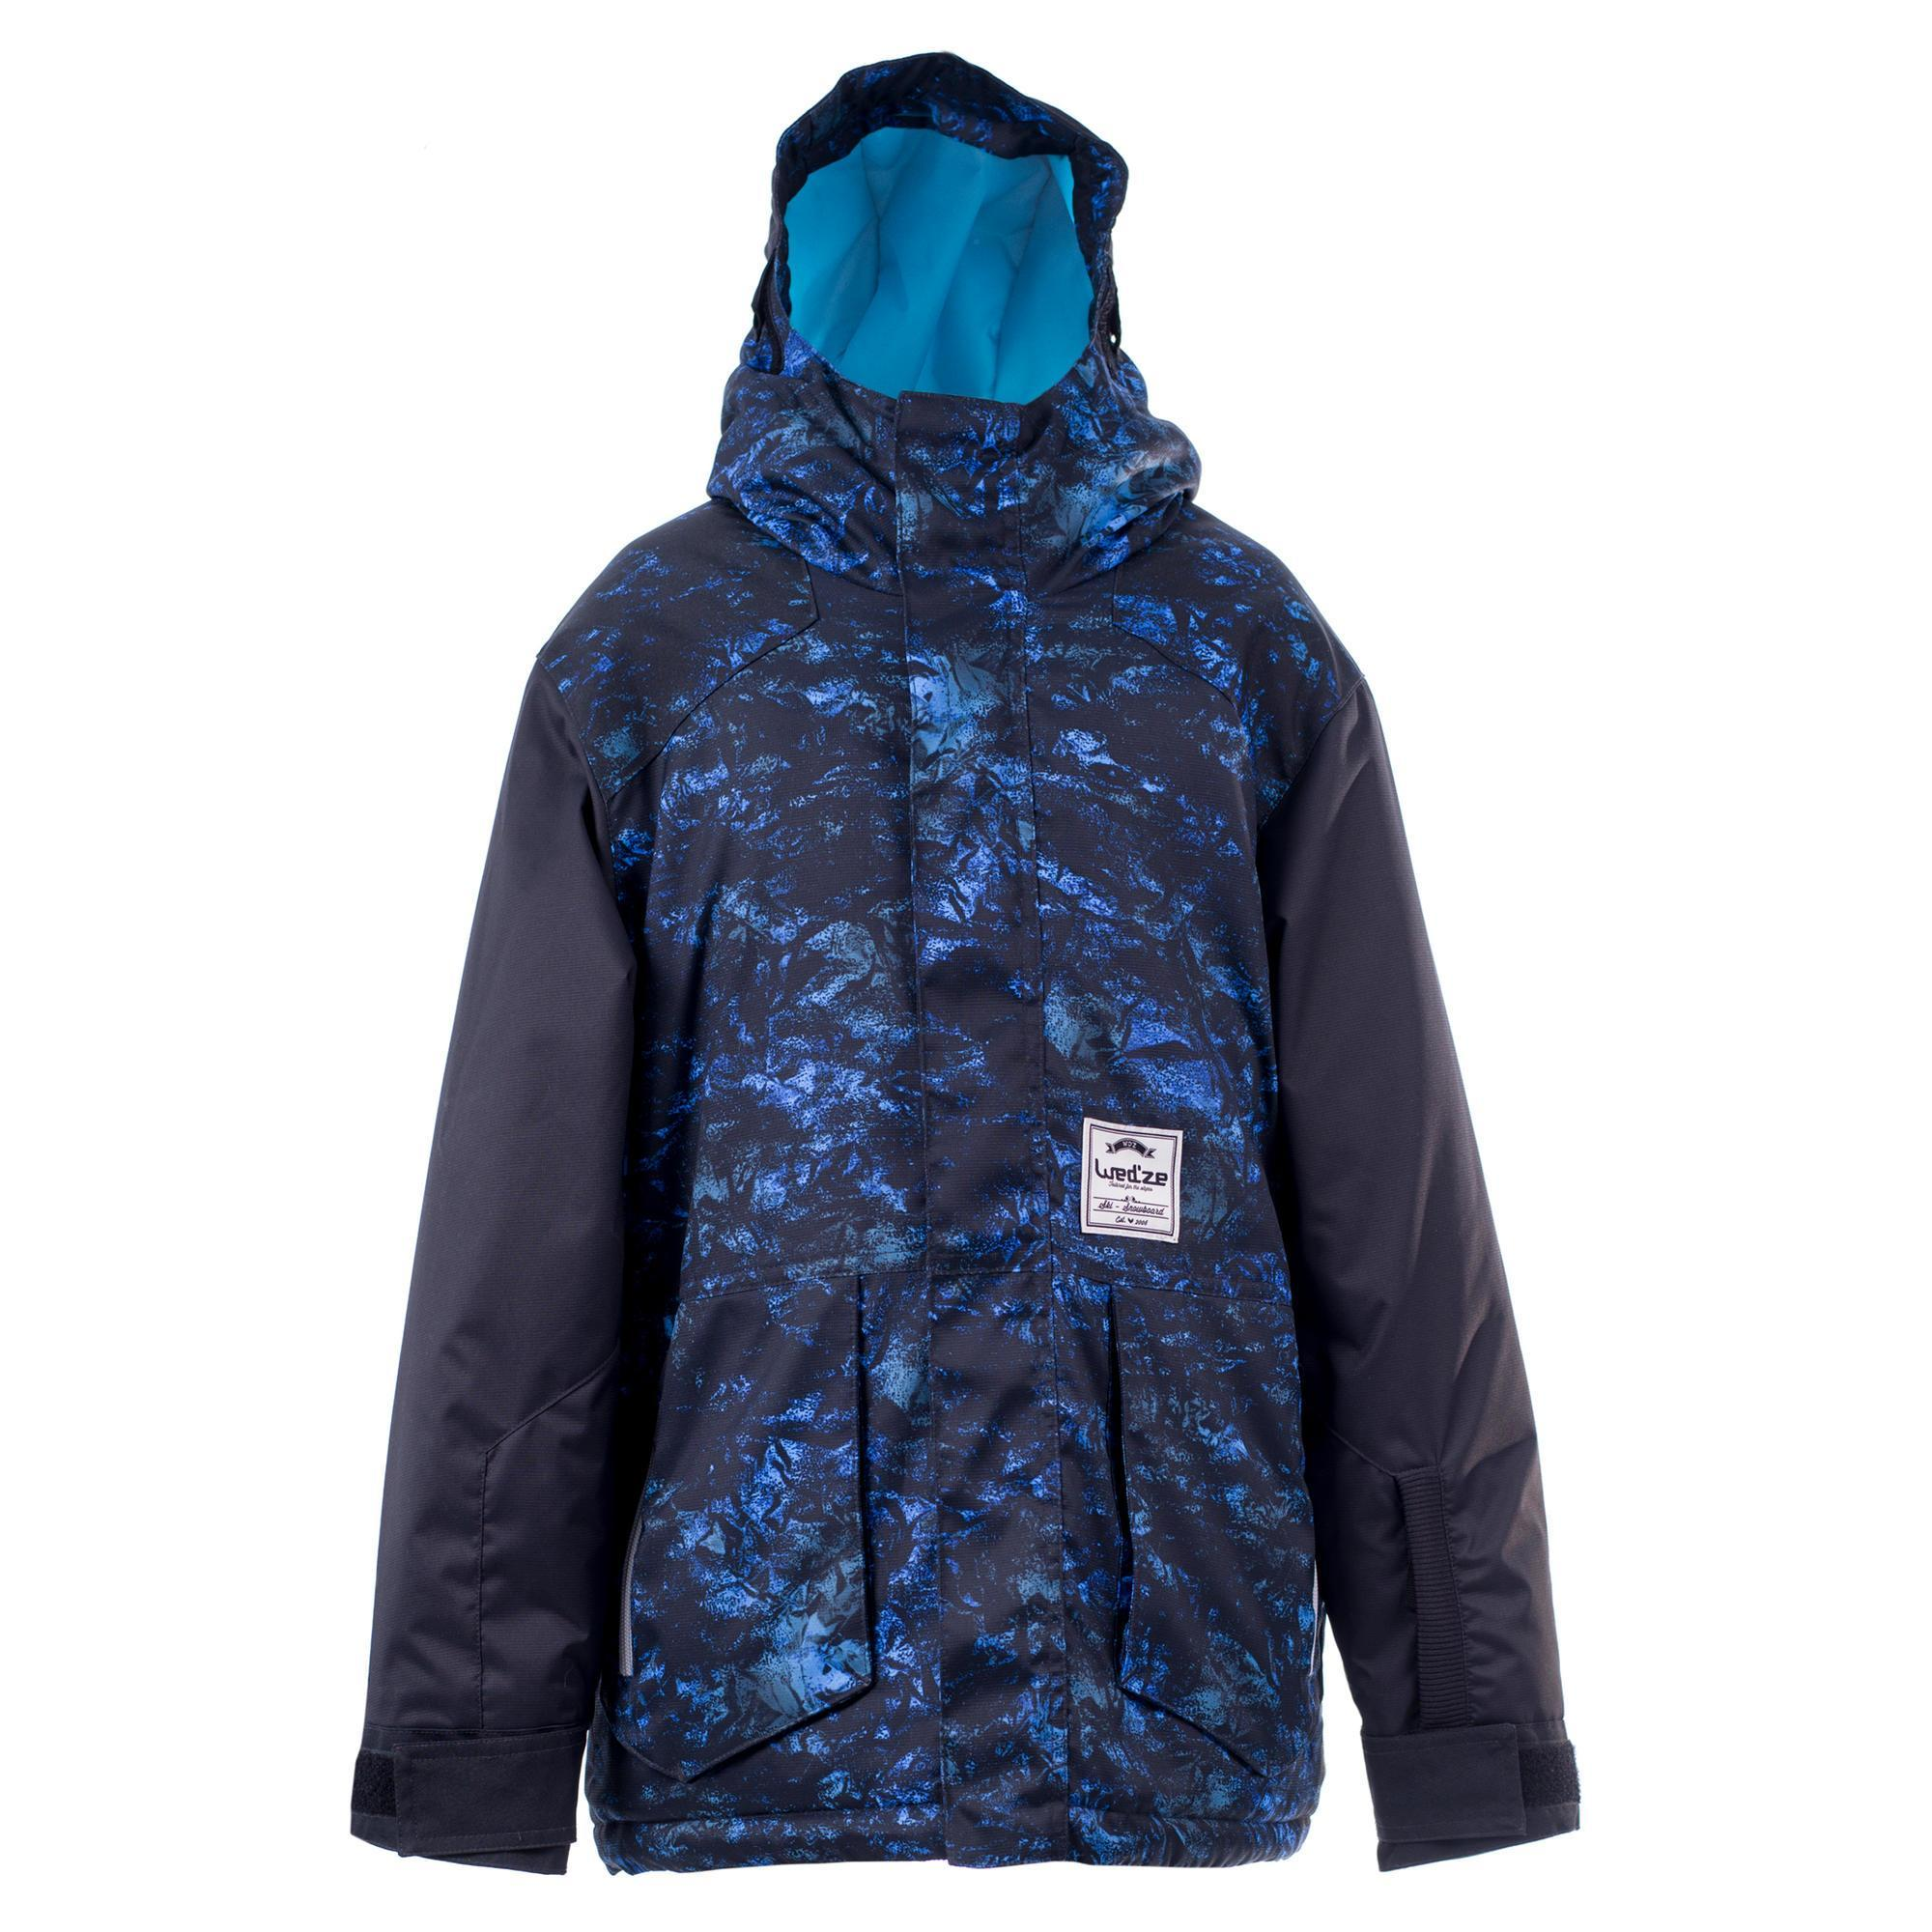 Jungen,Kinder,Kinder Snowboardjacke Skijacke 500 Kinder Jungen dunkelblau | 03608449855921